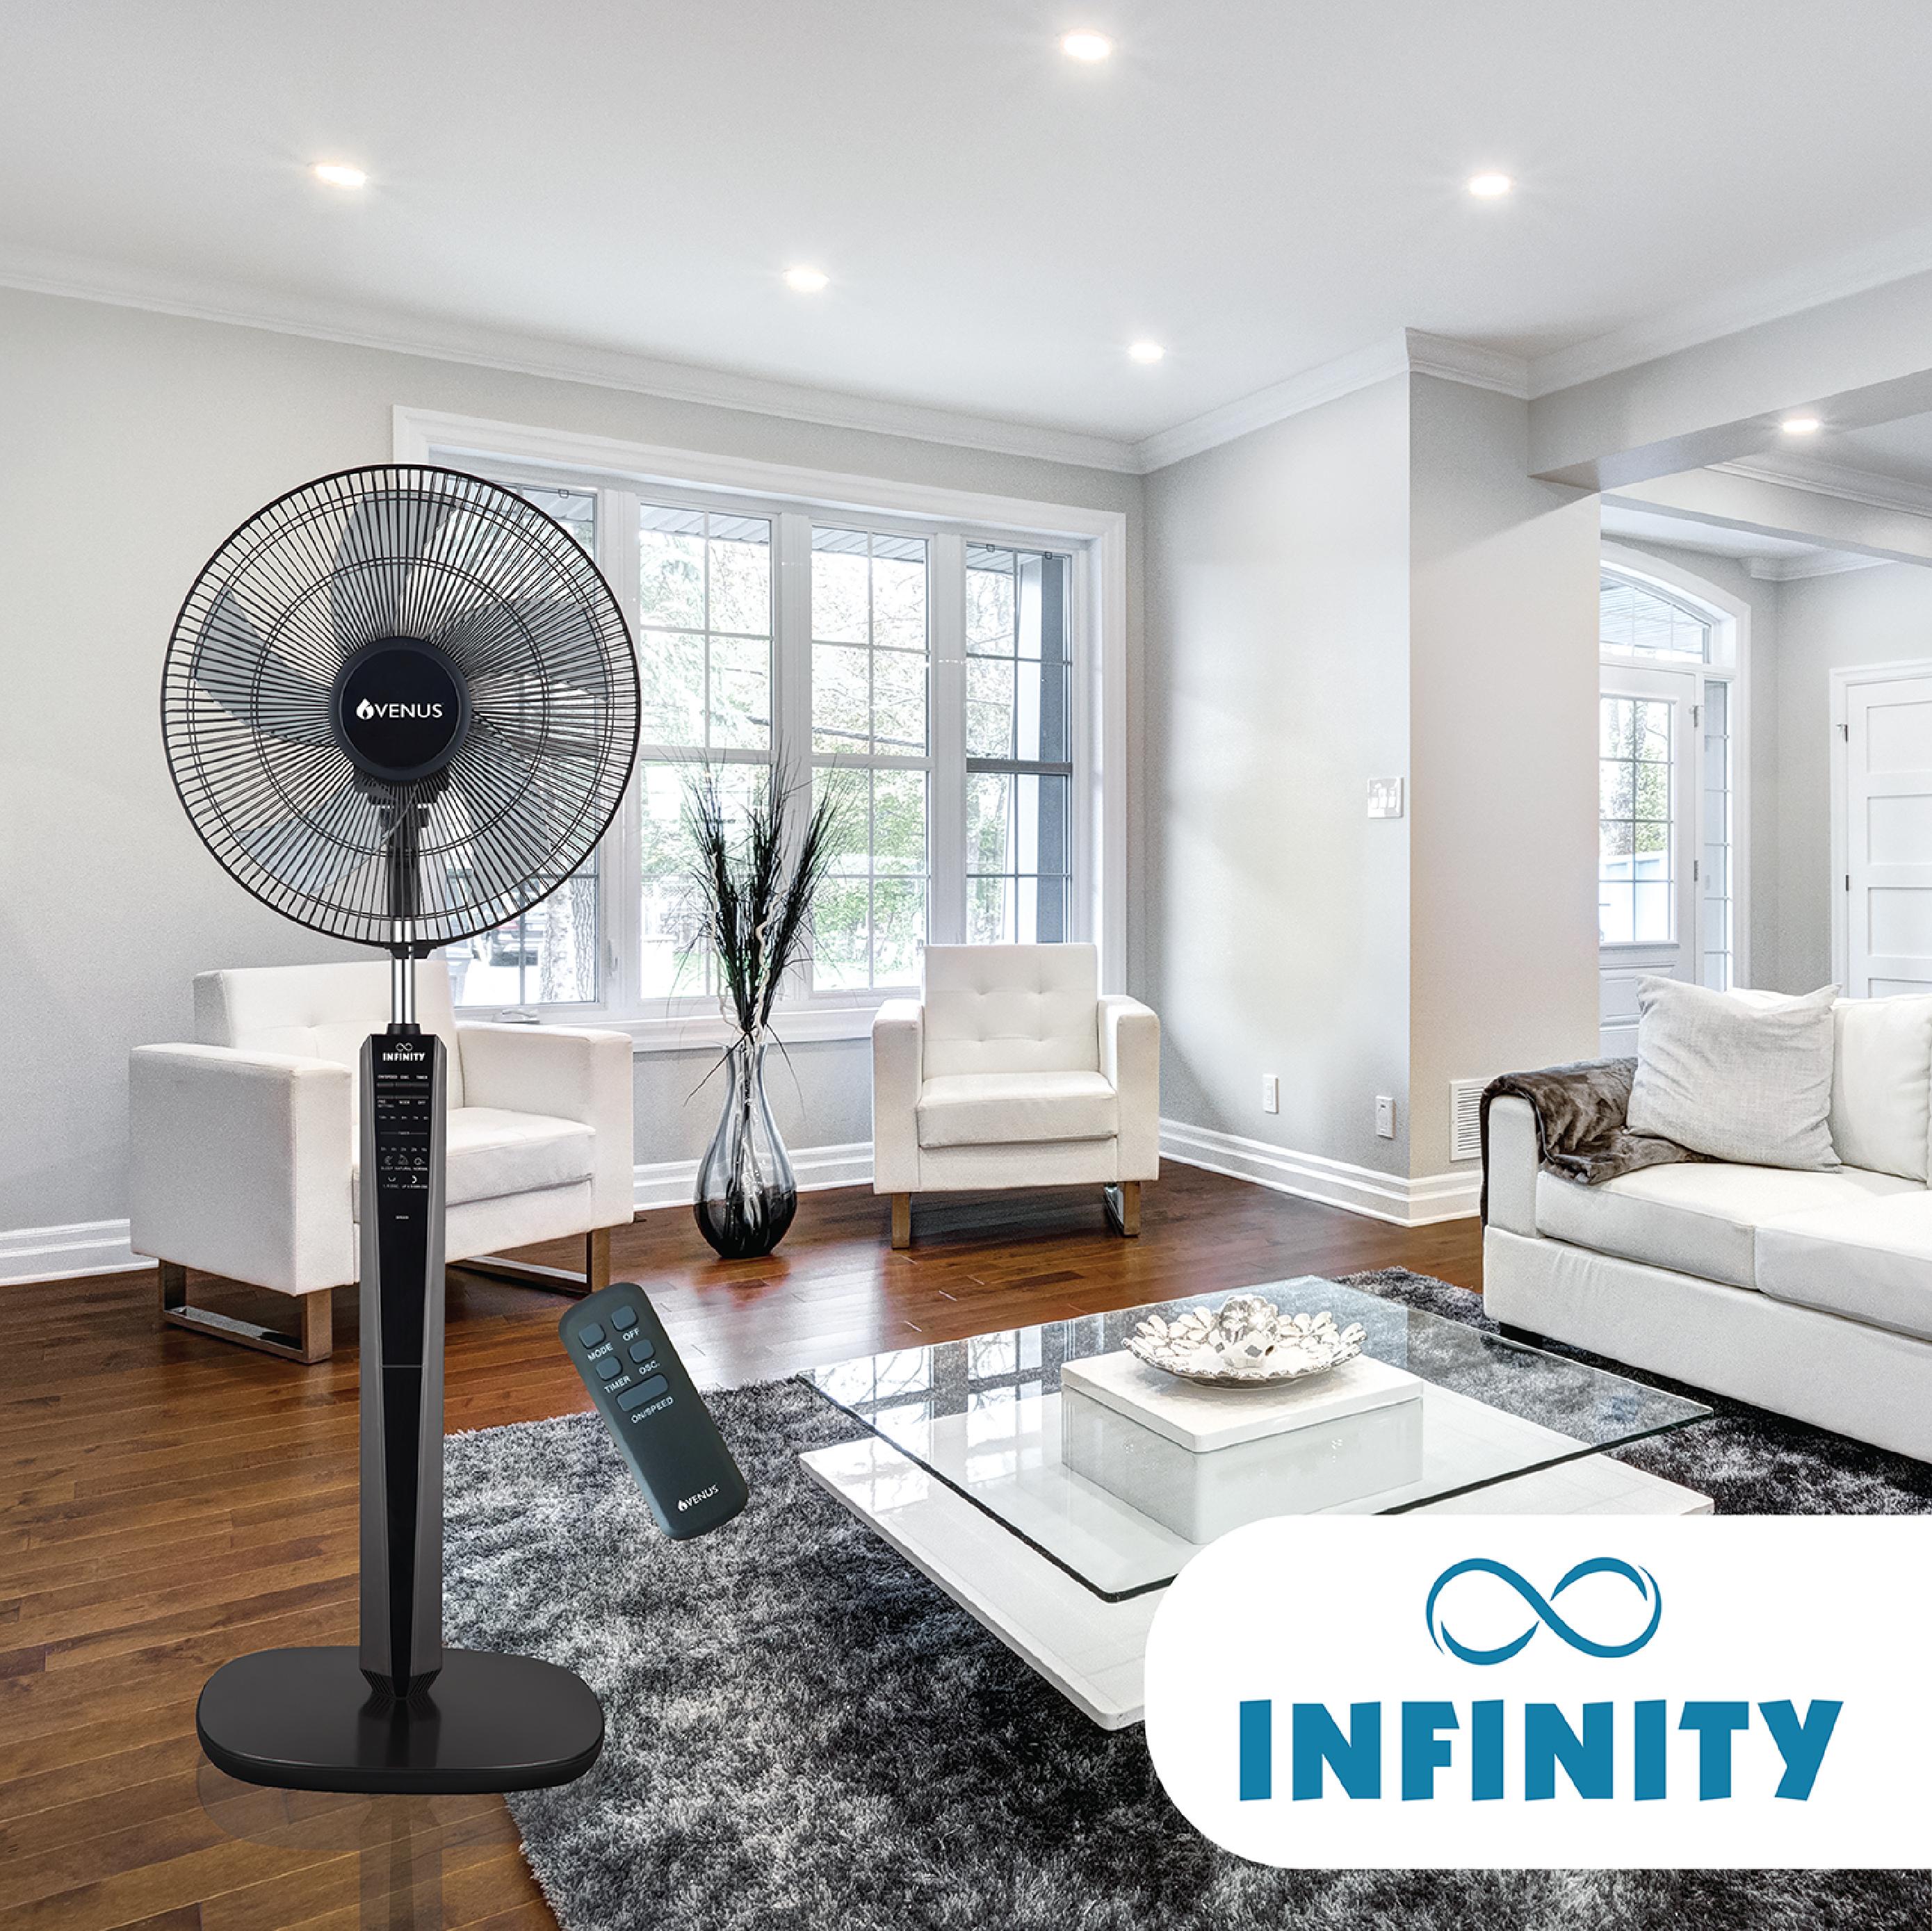 Infinity - Infinity